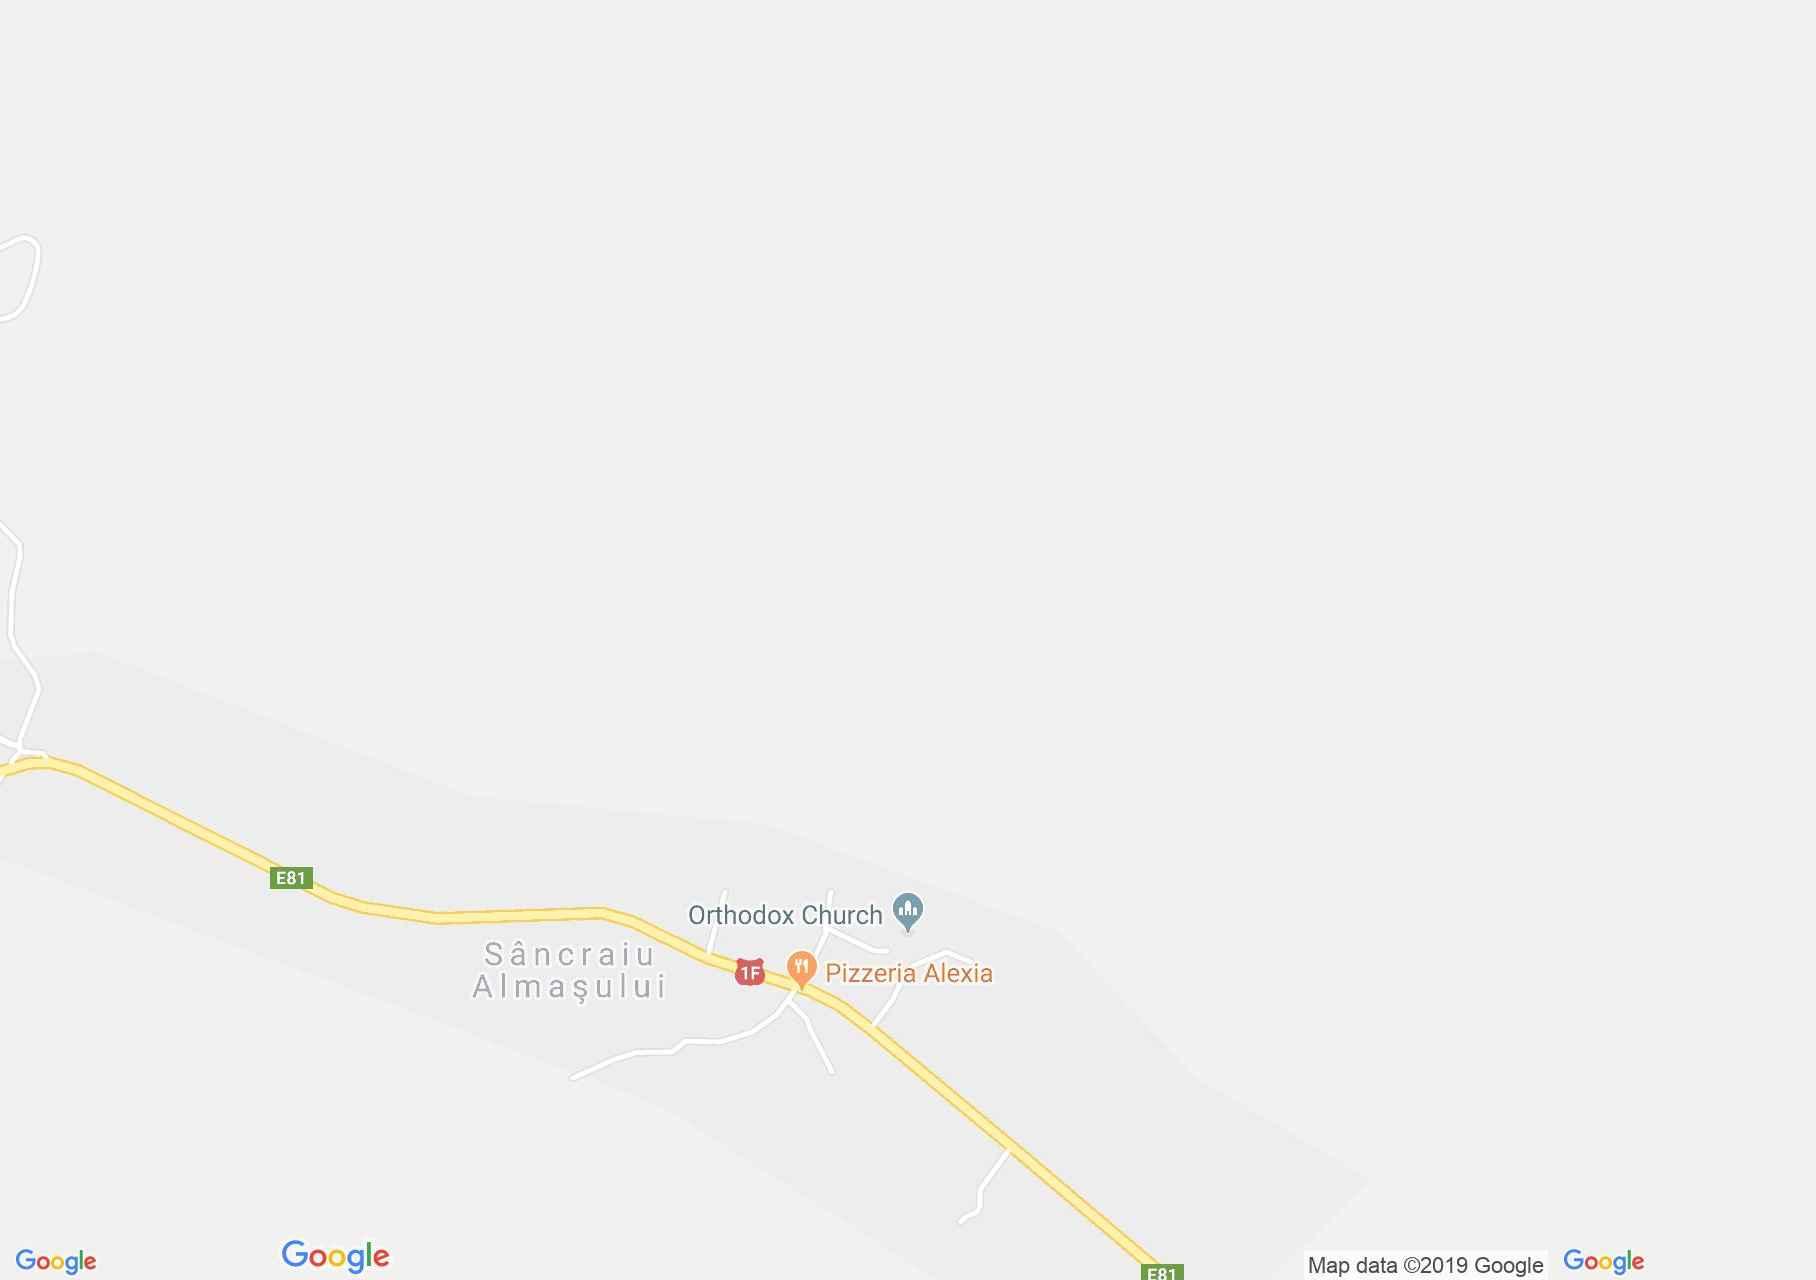 Hartă Sâncraiu Almaşului: Biserica ortodoxă